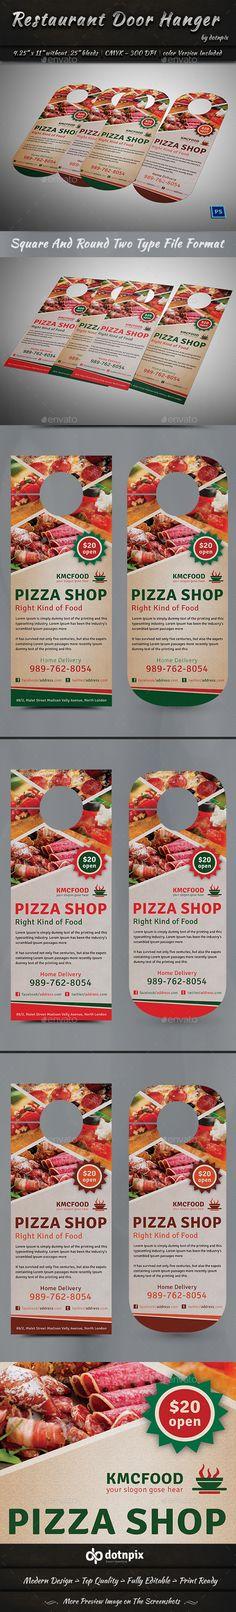 Go Fresh Restaurant Door Hanger Pinterest Door hanger template